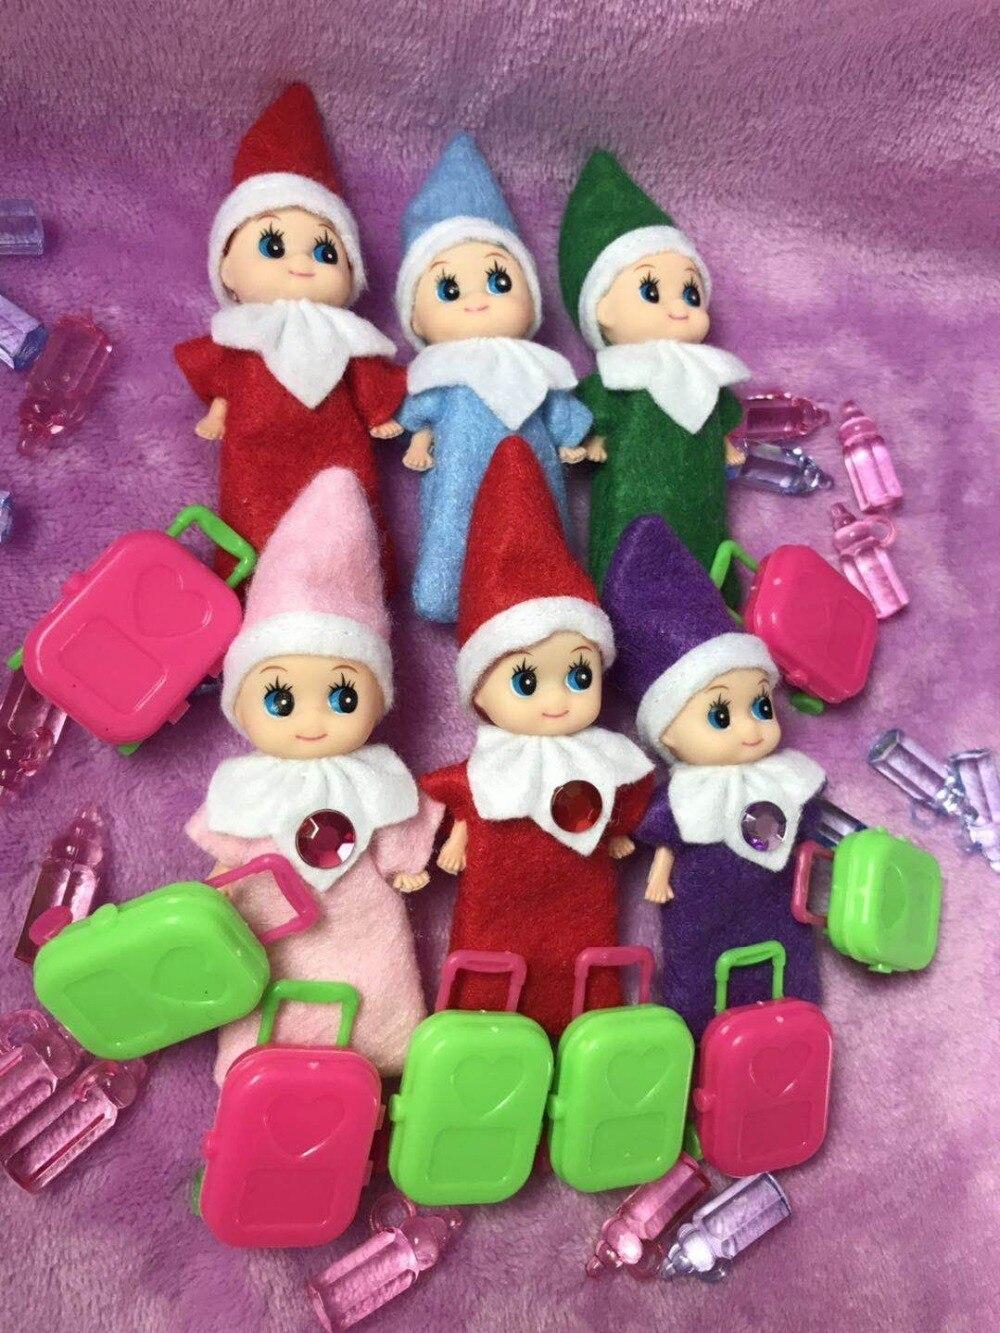 Date bébé elfe garçon & fille avec bouteille et coffre 10 pièces/20 pièces/30 pièces/50 pcs pour enfants noël nouvel an Tradition cadeau